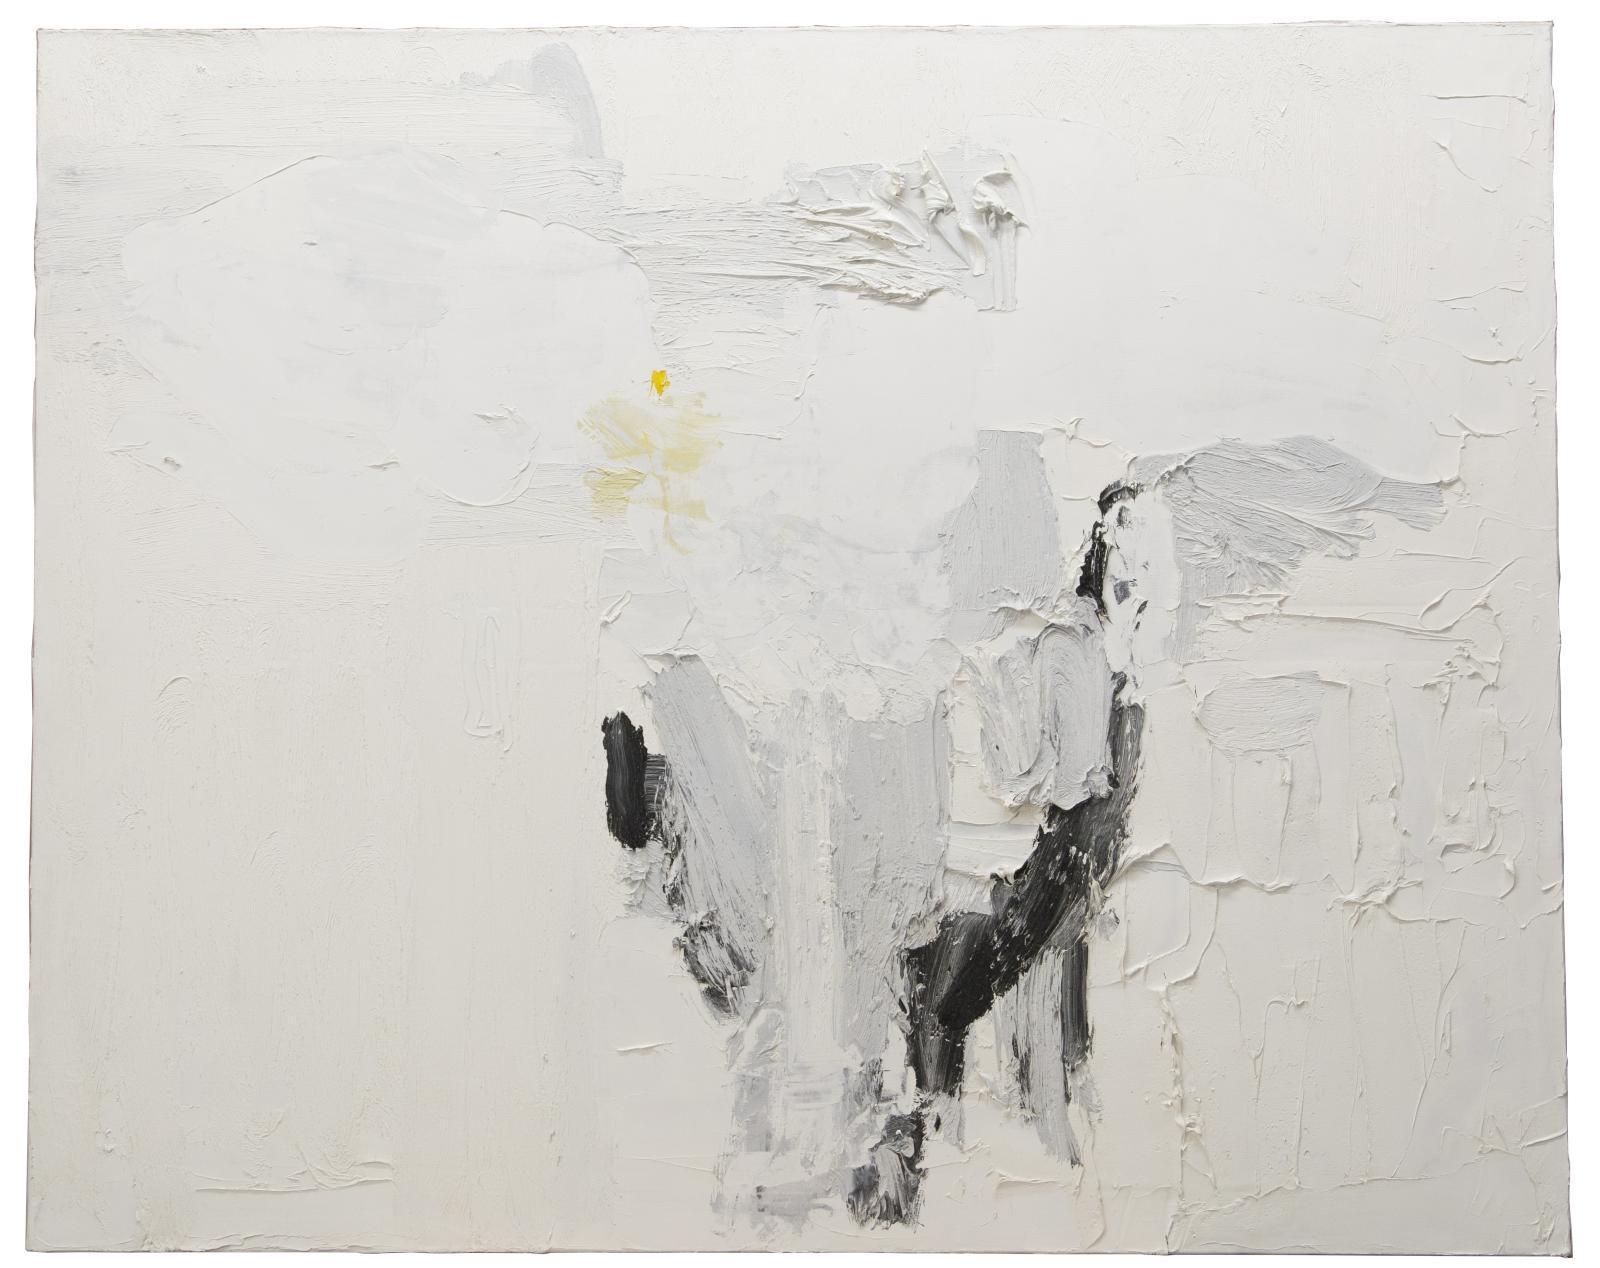 François Aubrun, Untitled #42, 1971